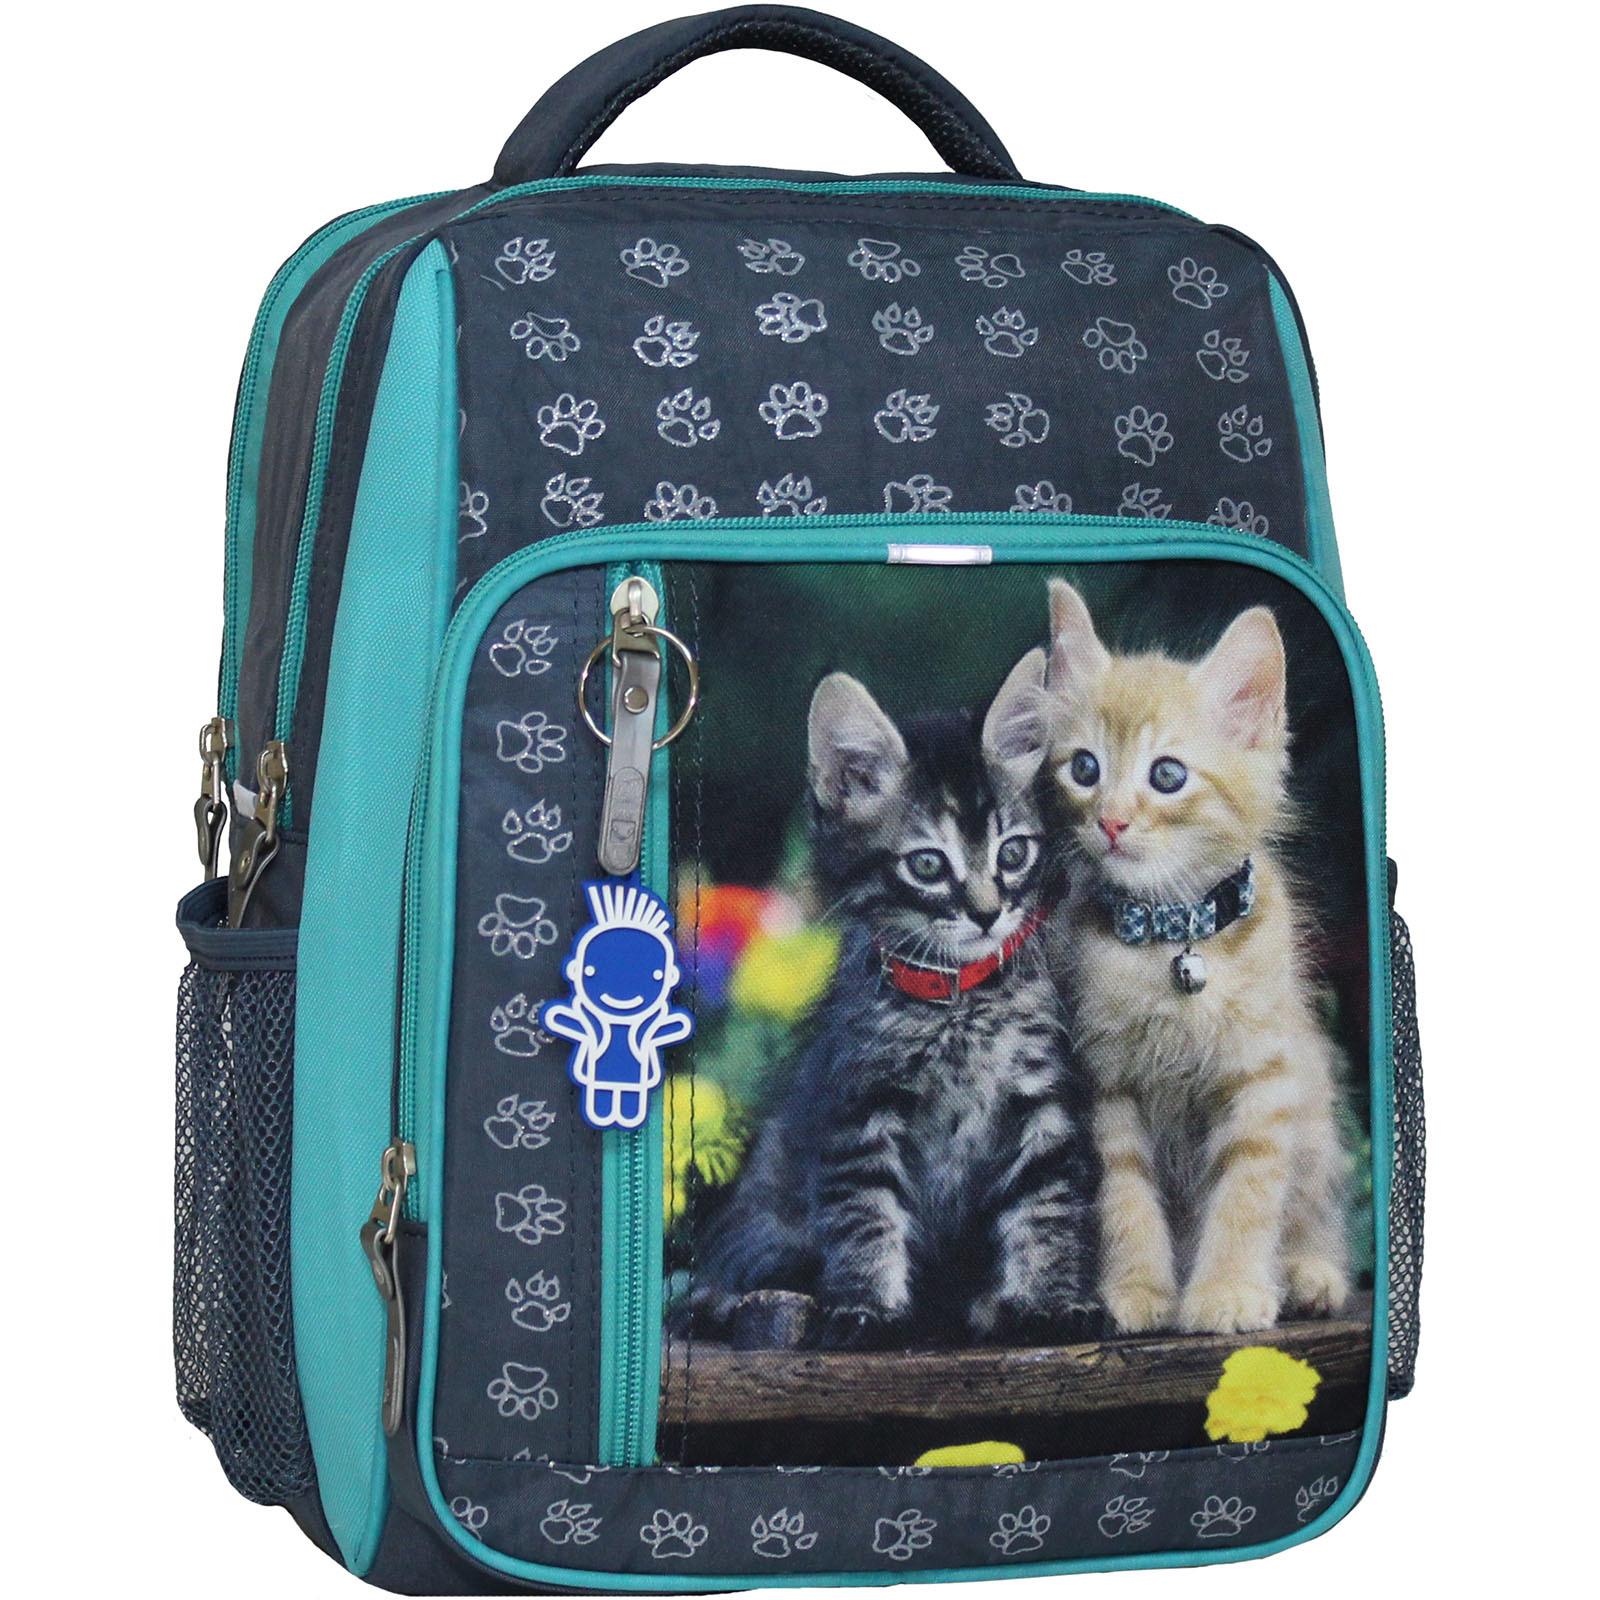 Школьные рюкзаки Рюкзак школьный Bagland Школьник 8 л. серый 143д (0012870) IMG_4468.JPG